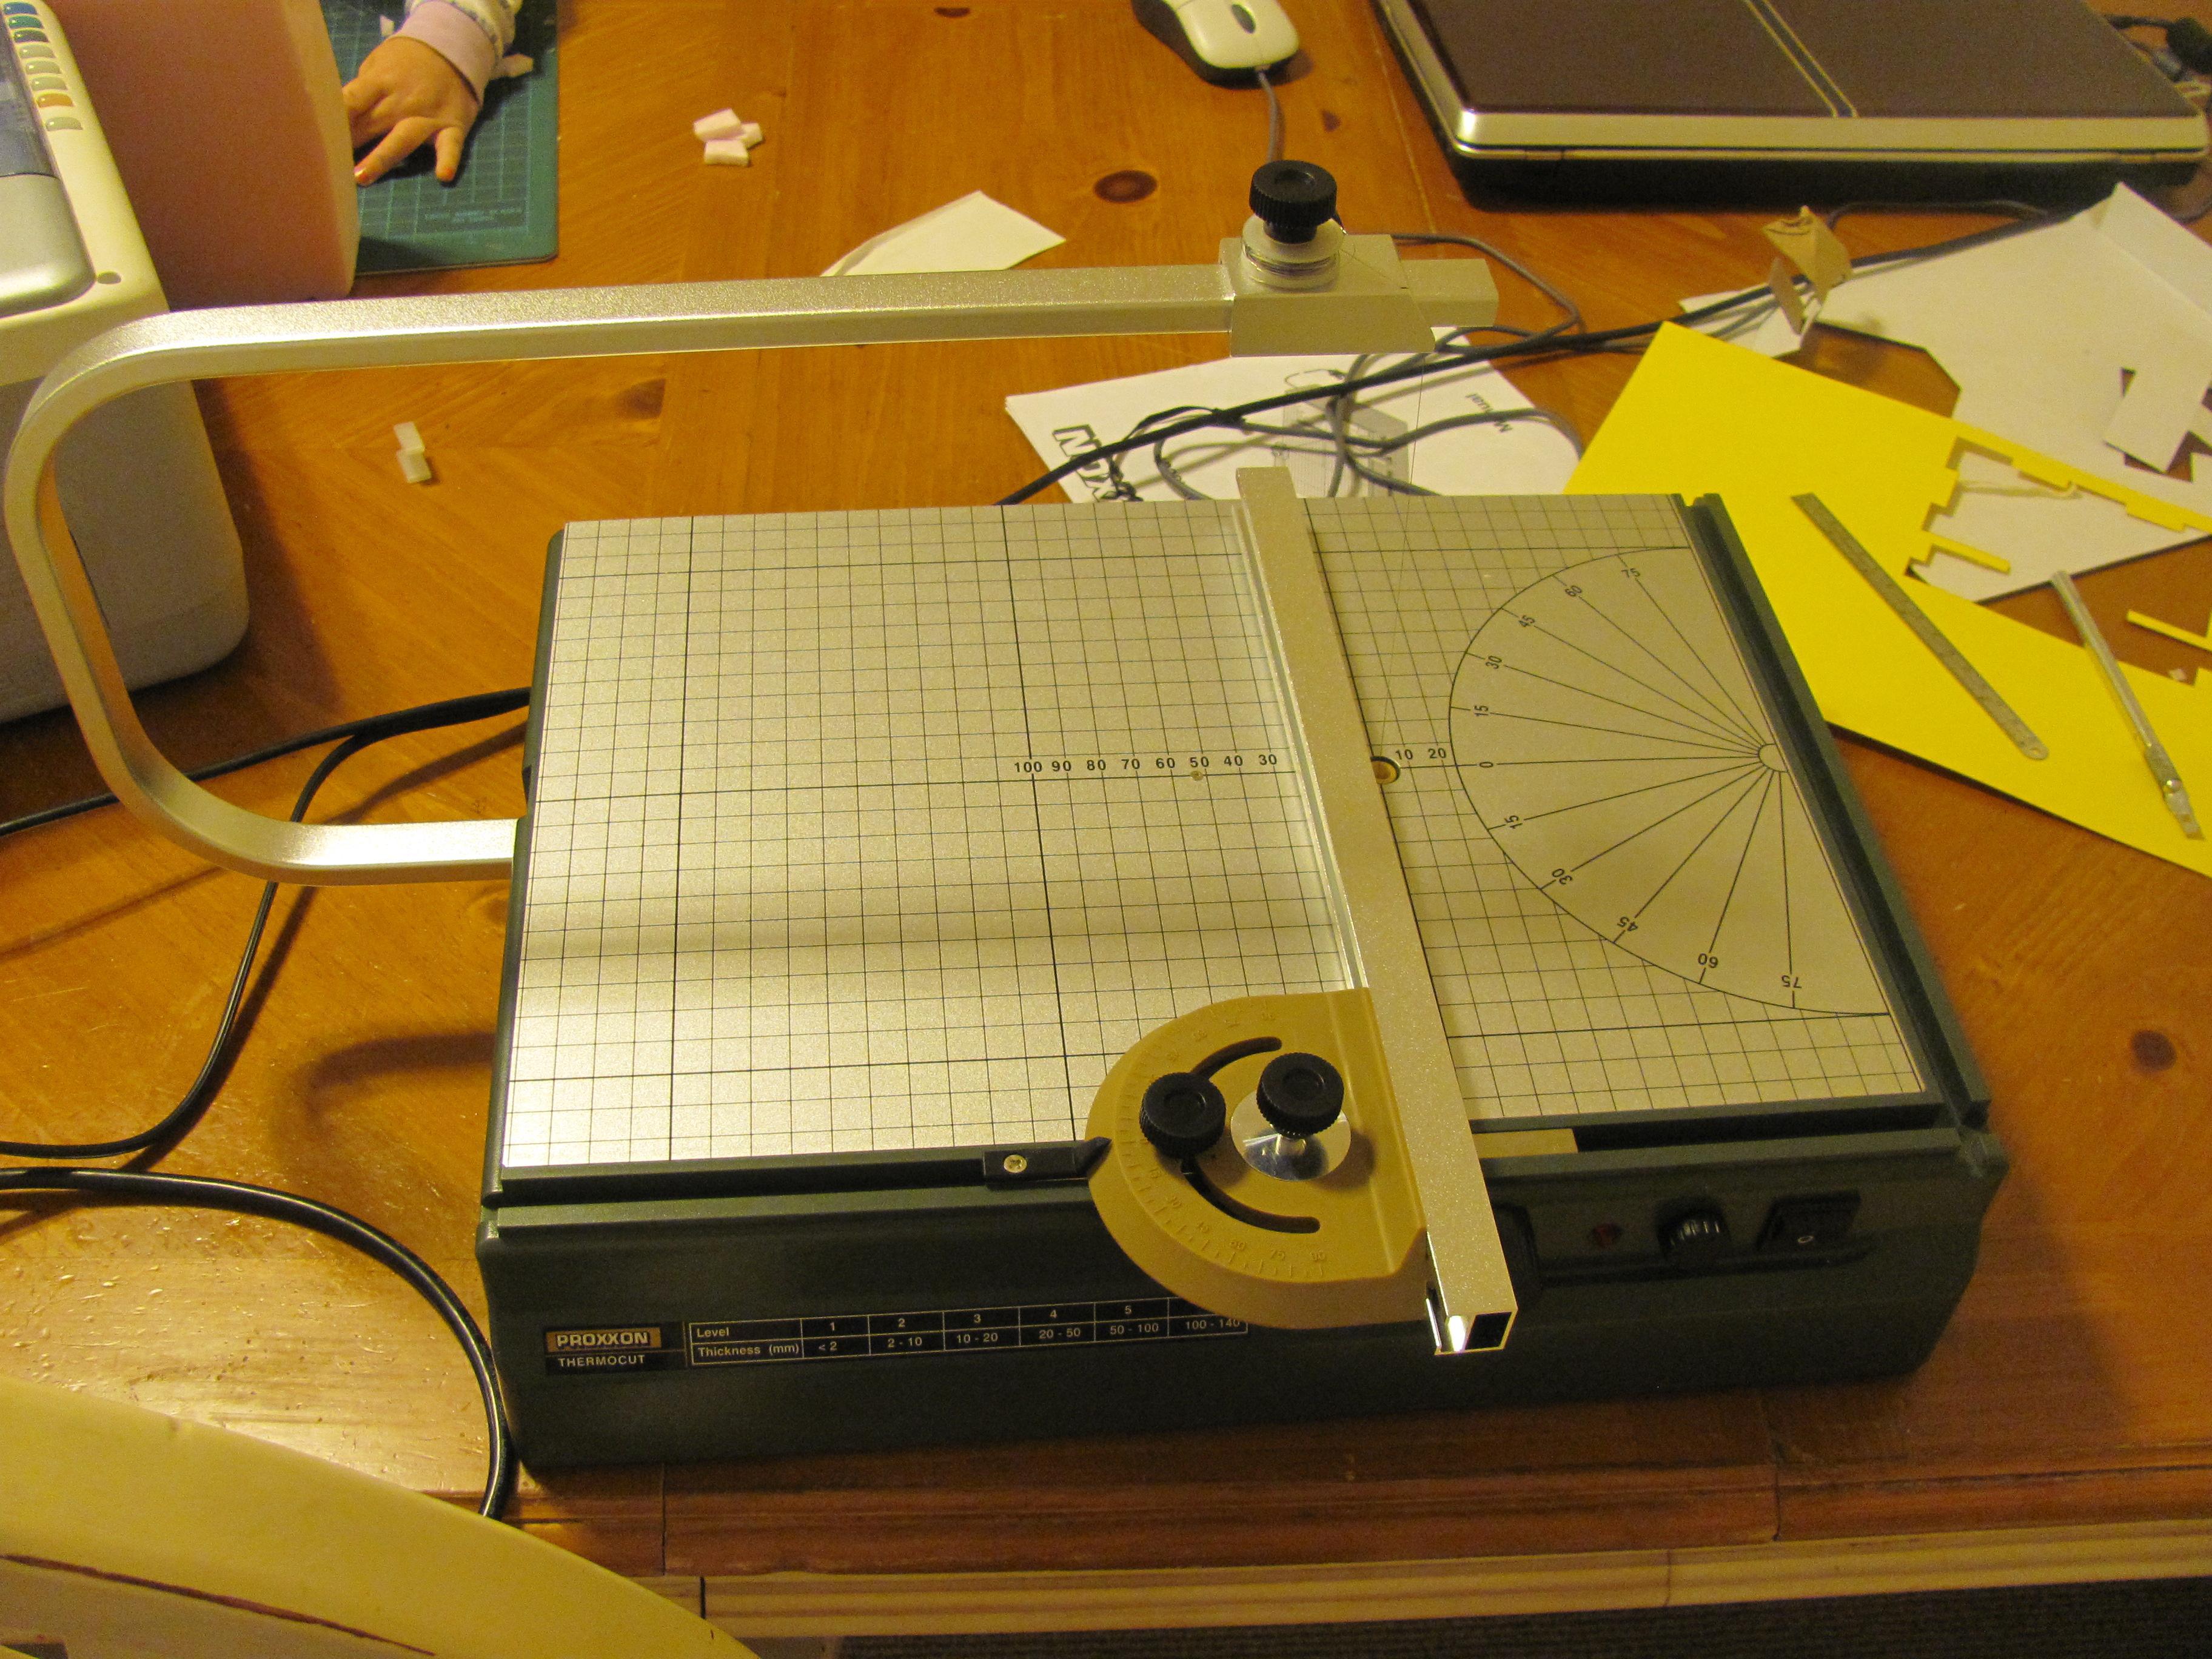 Foam Cutter, Proxxon Hot Wire Foam Cutter Thermocut